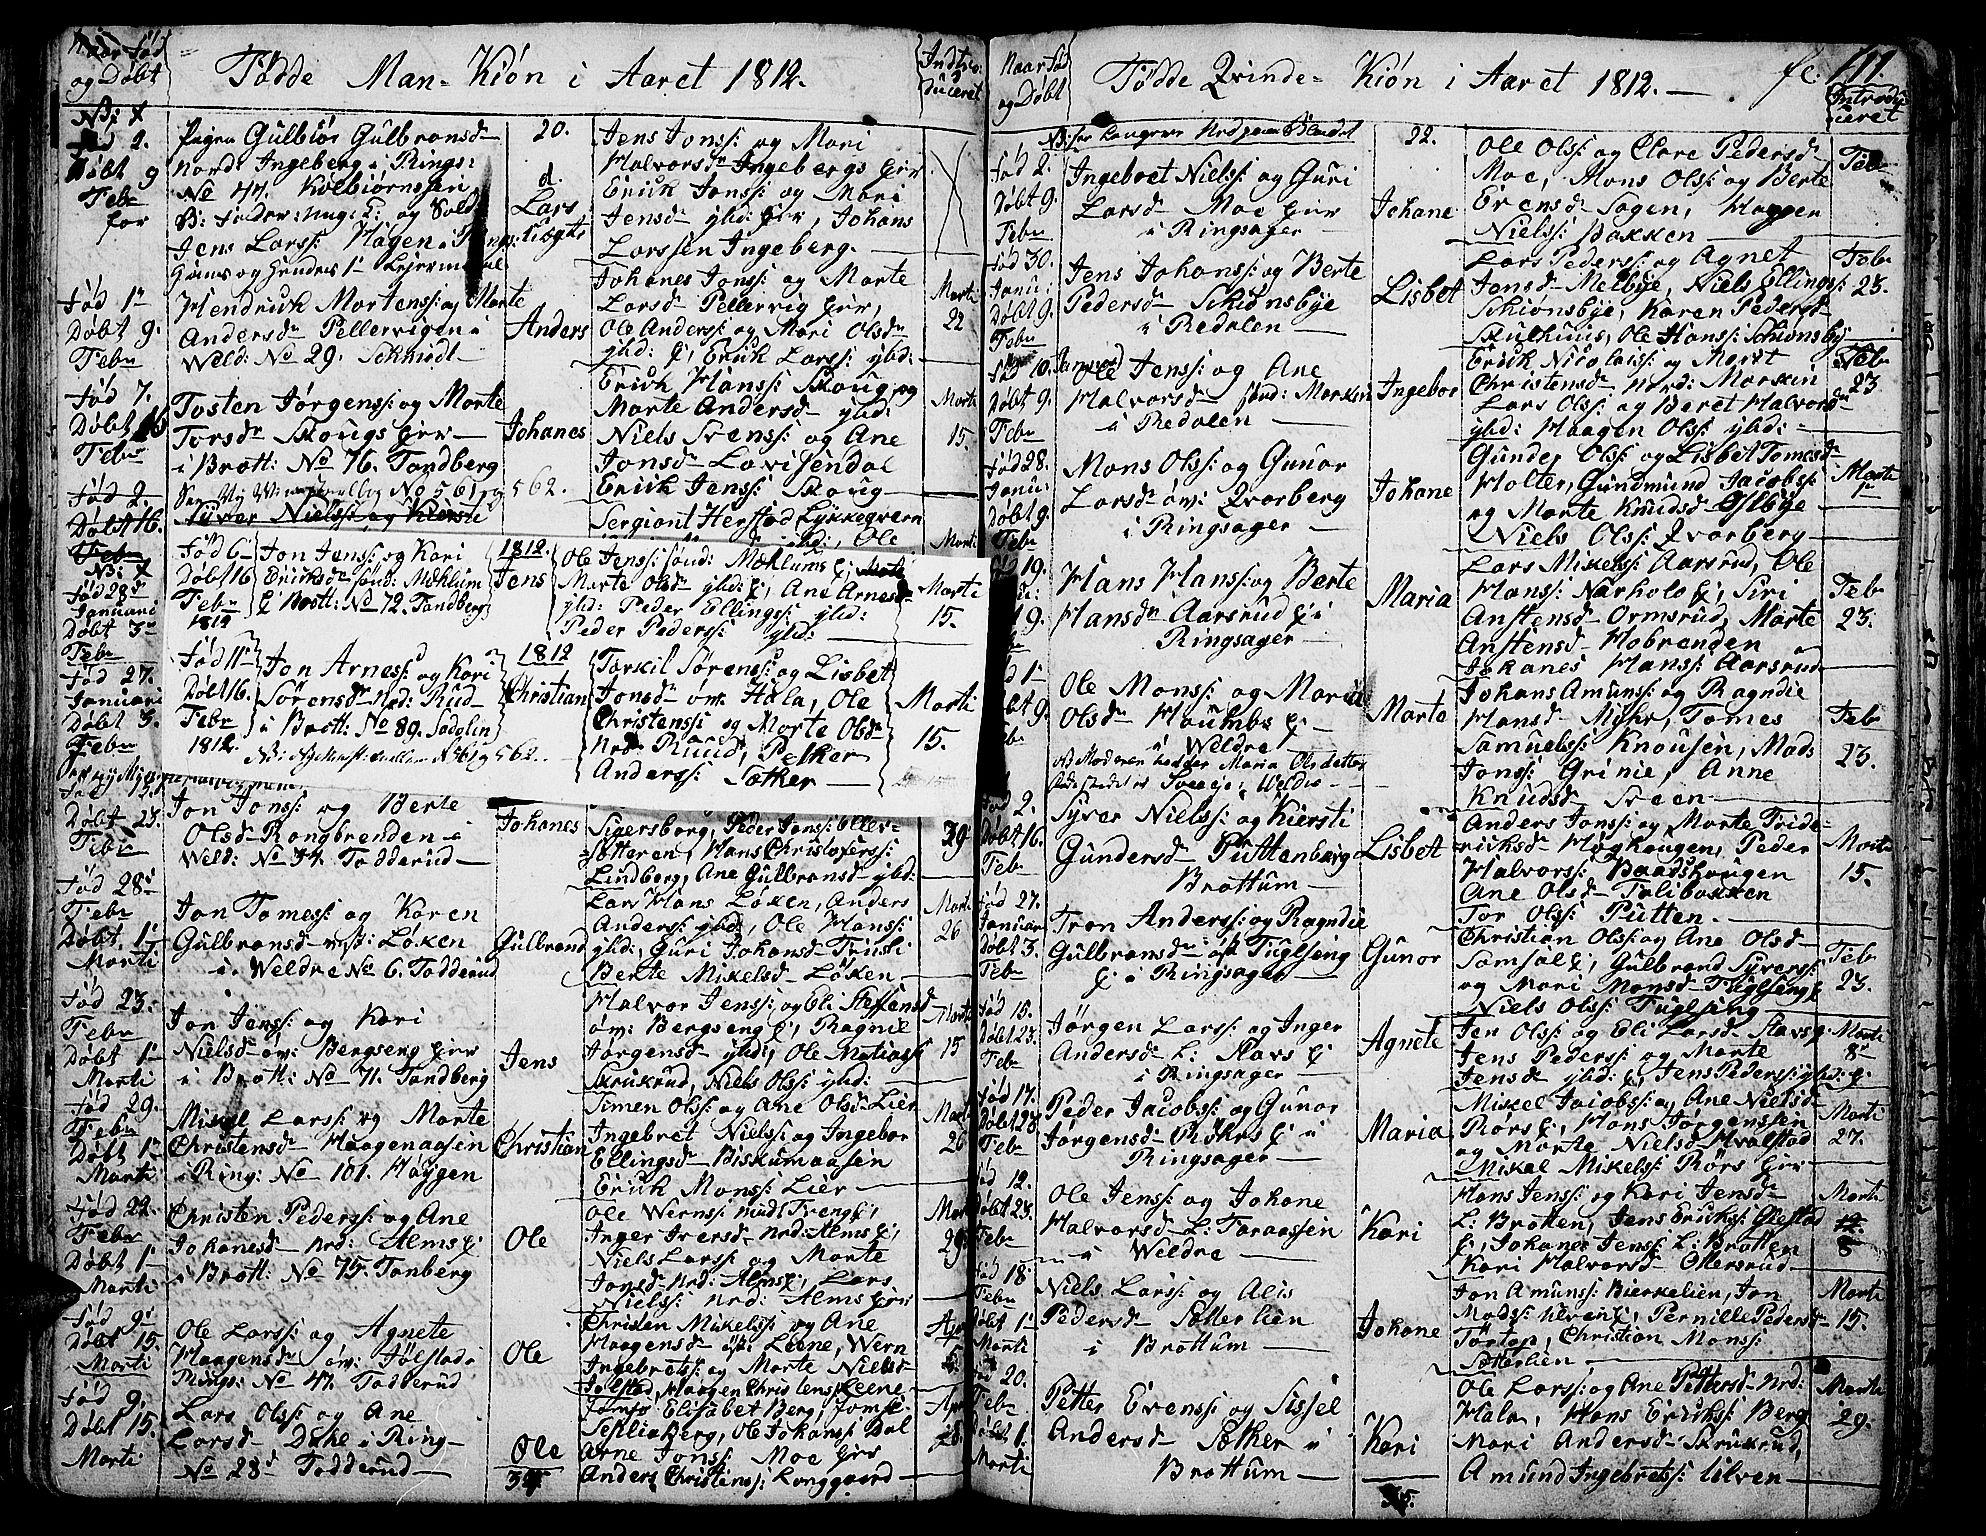 SAH, Ringsaker prestekontor, K/Ka/L0004: Ministerialbok nr. 4, 1799-1814, s. 111